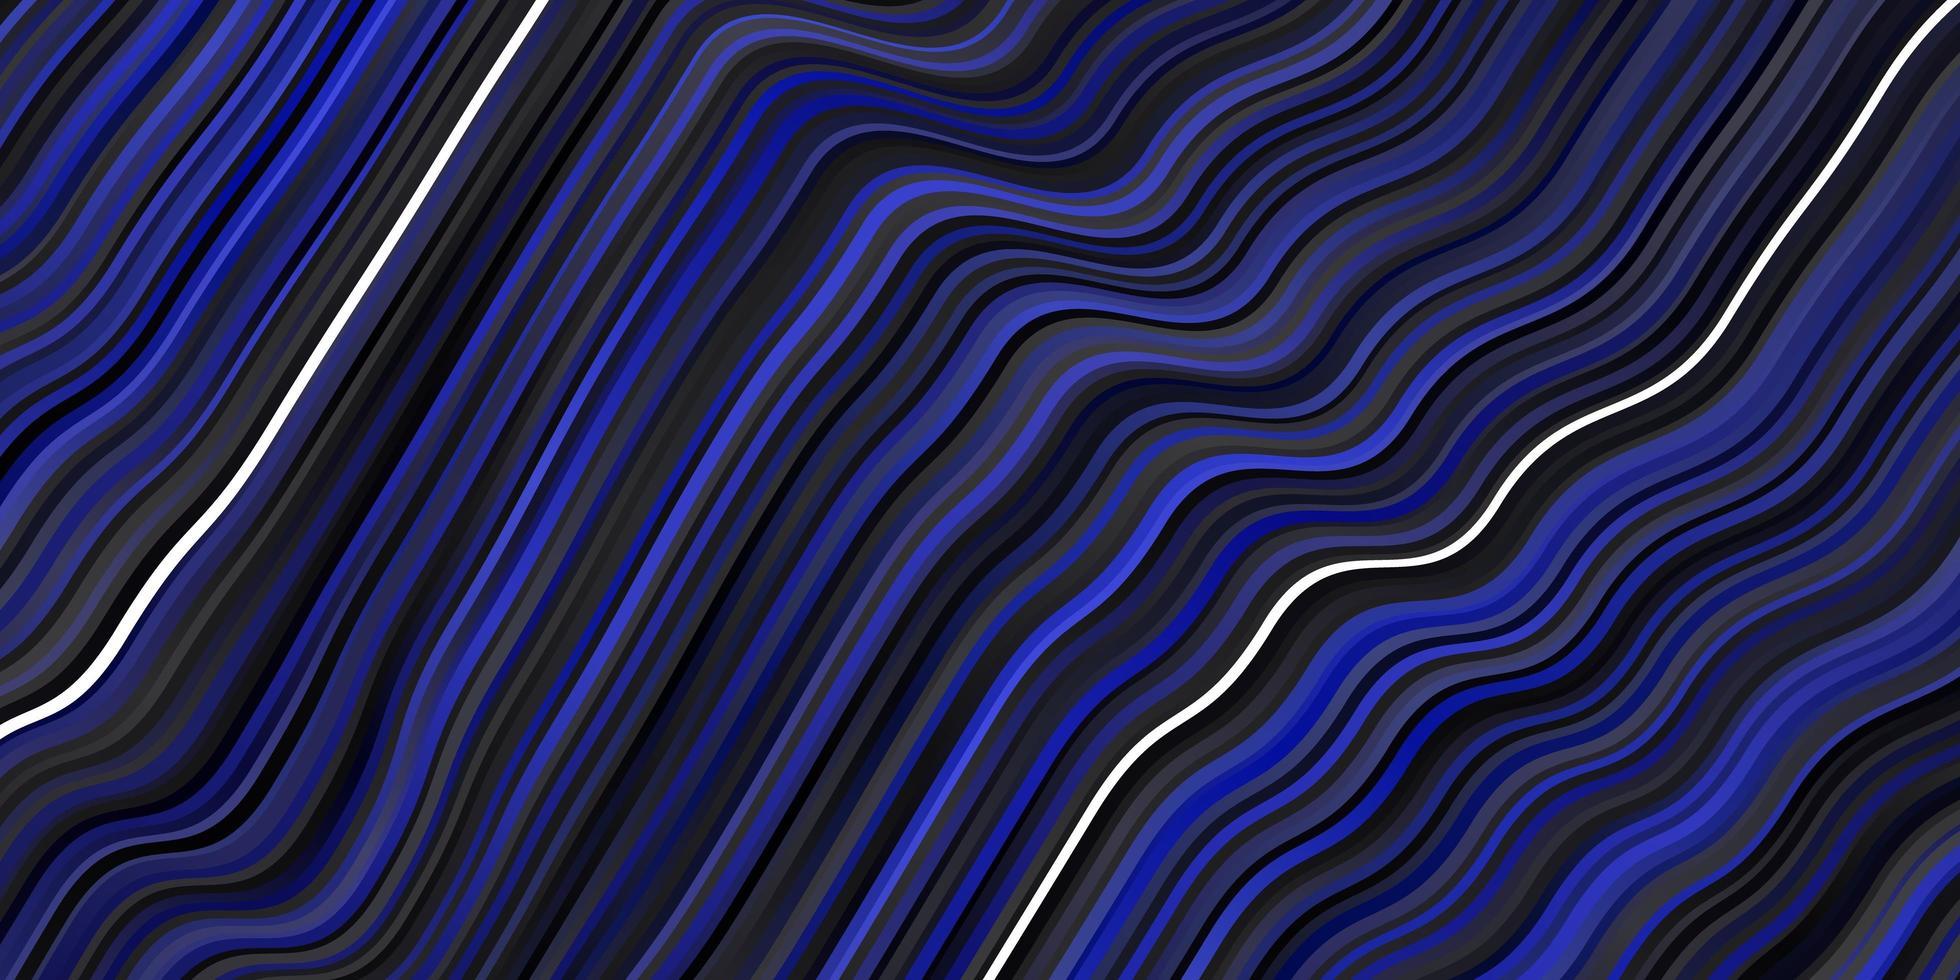 motif bleu foncé avec des courbes. vecteur